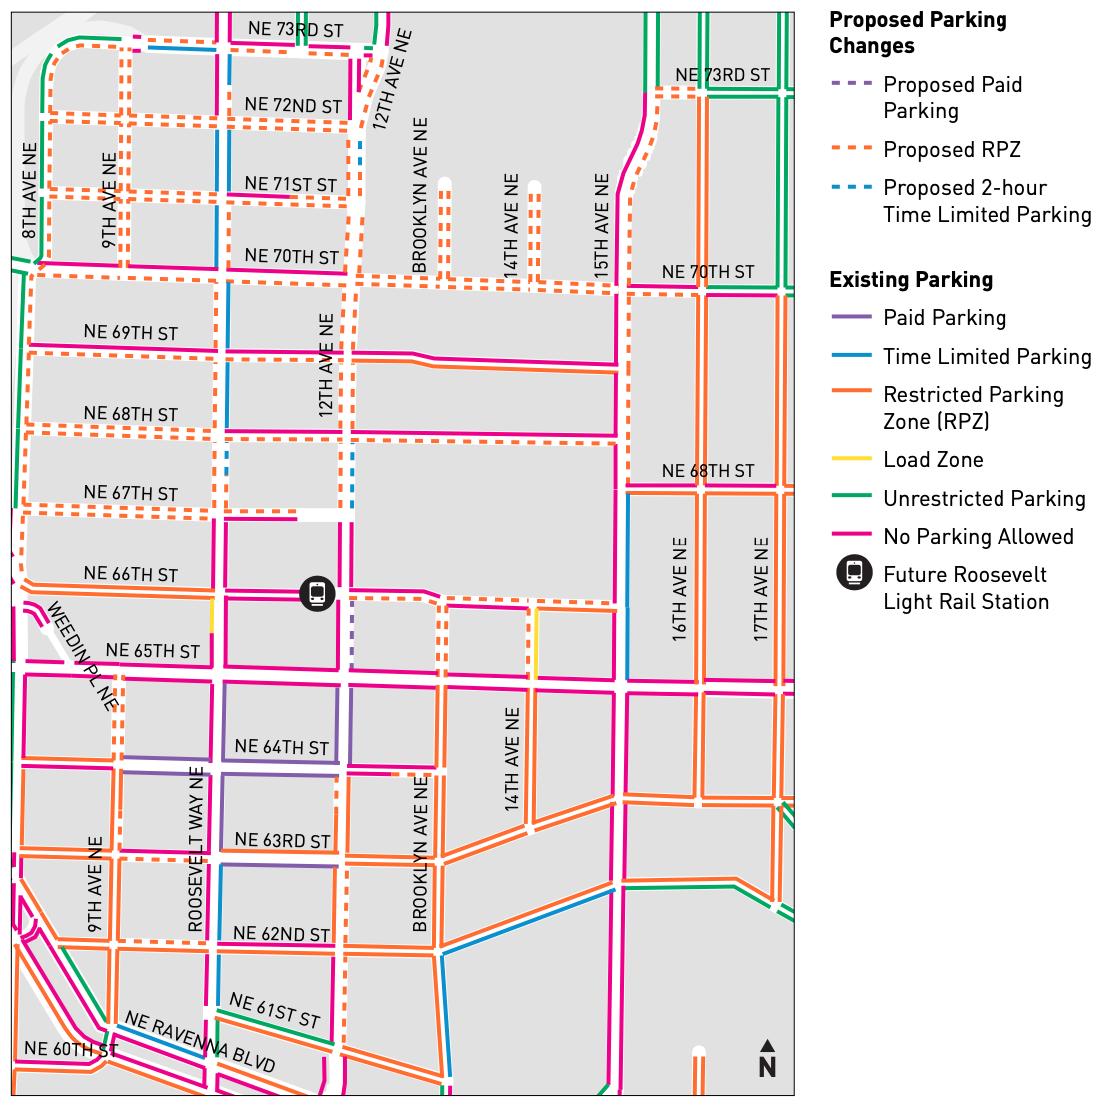 Proposed Parking Changes for Roosevelt Link Light Rail Station Area